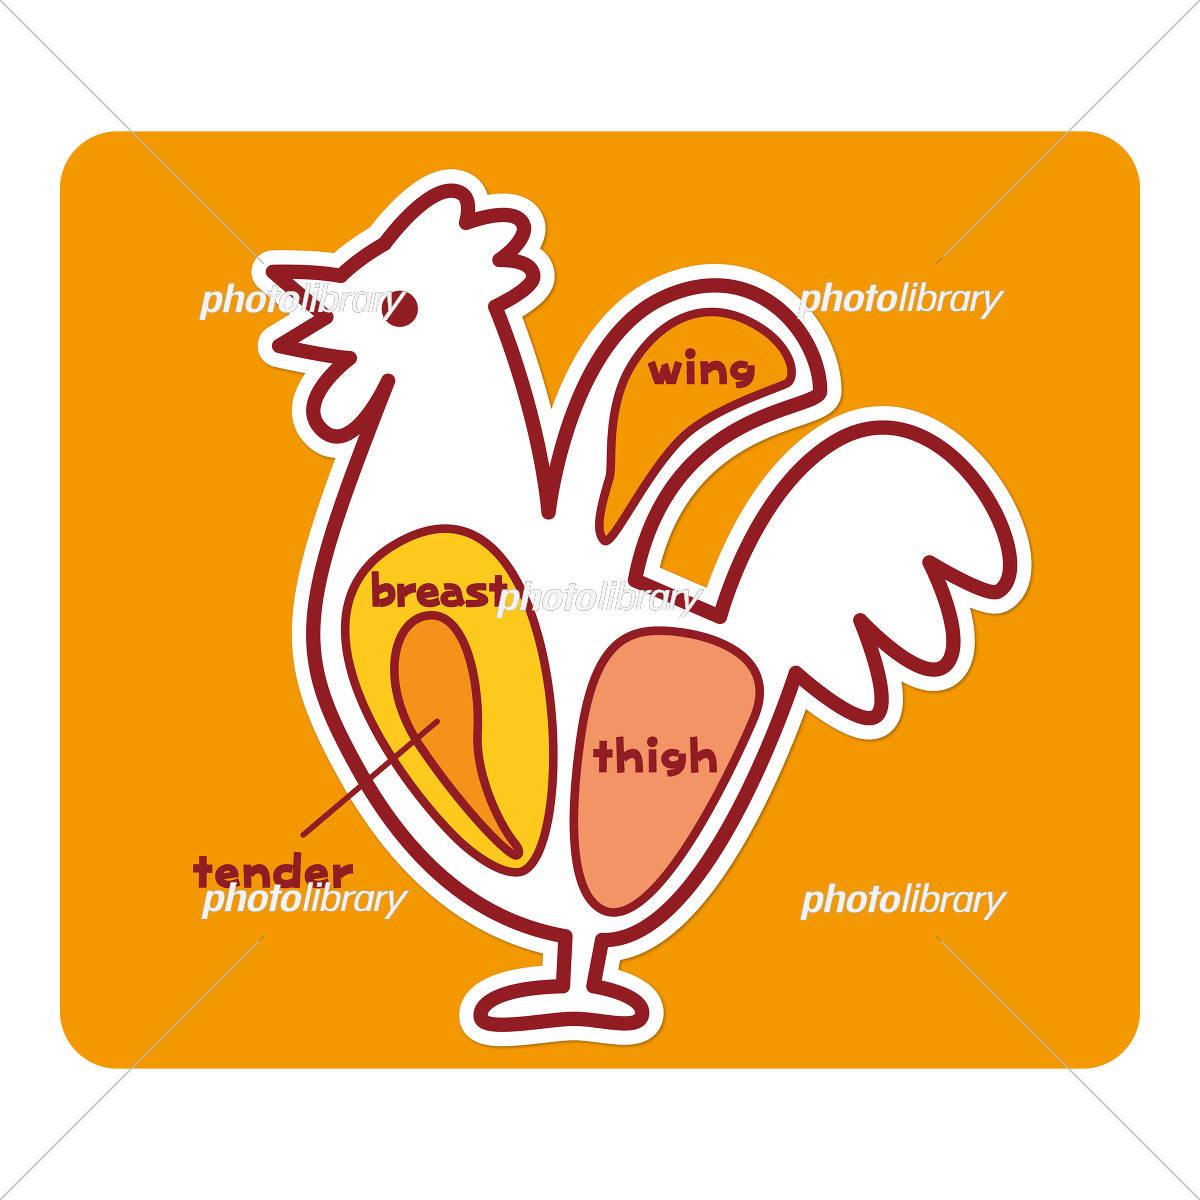 鶏肉の部位(英語) イラスト素材 [ 5193345 ] - フォトライブラリー